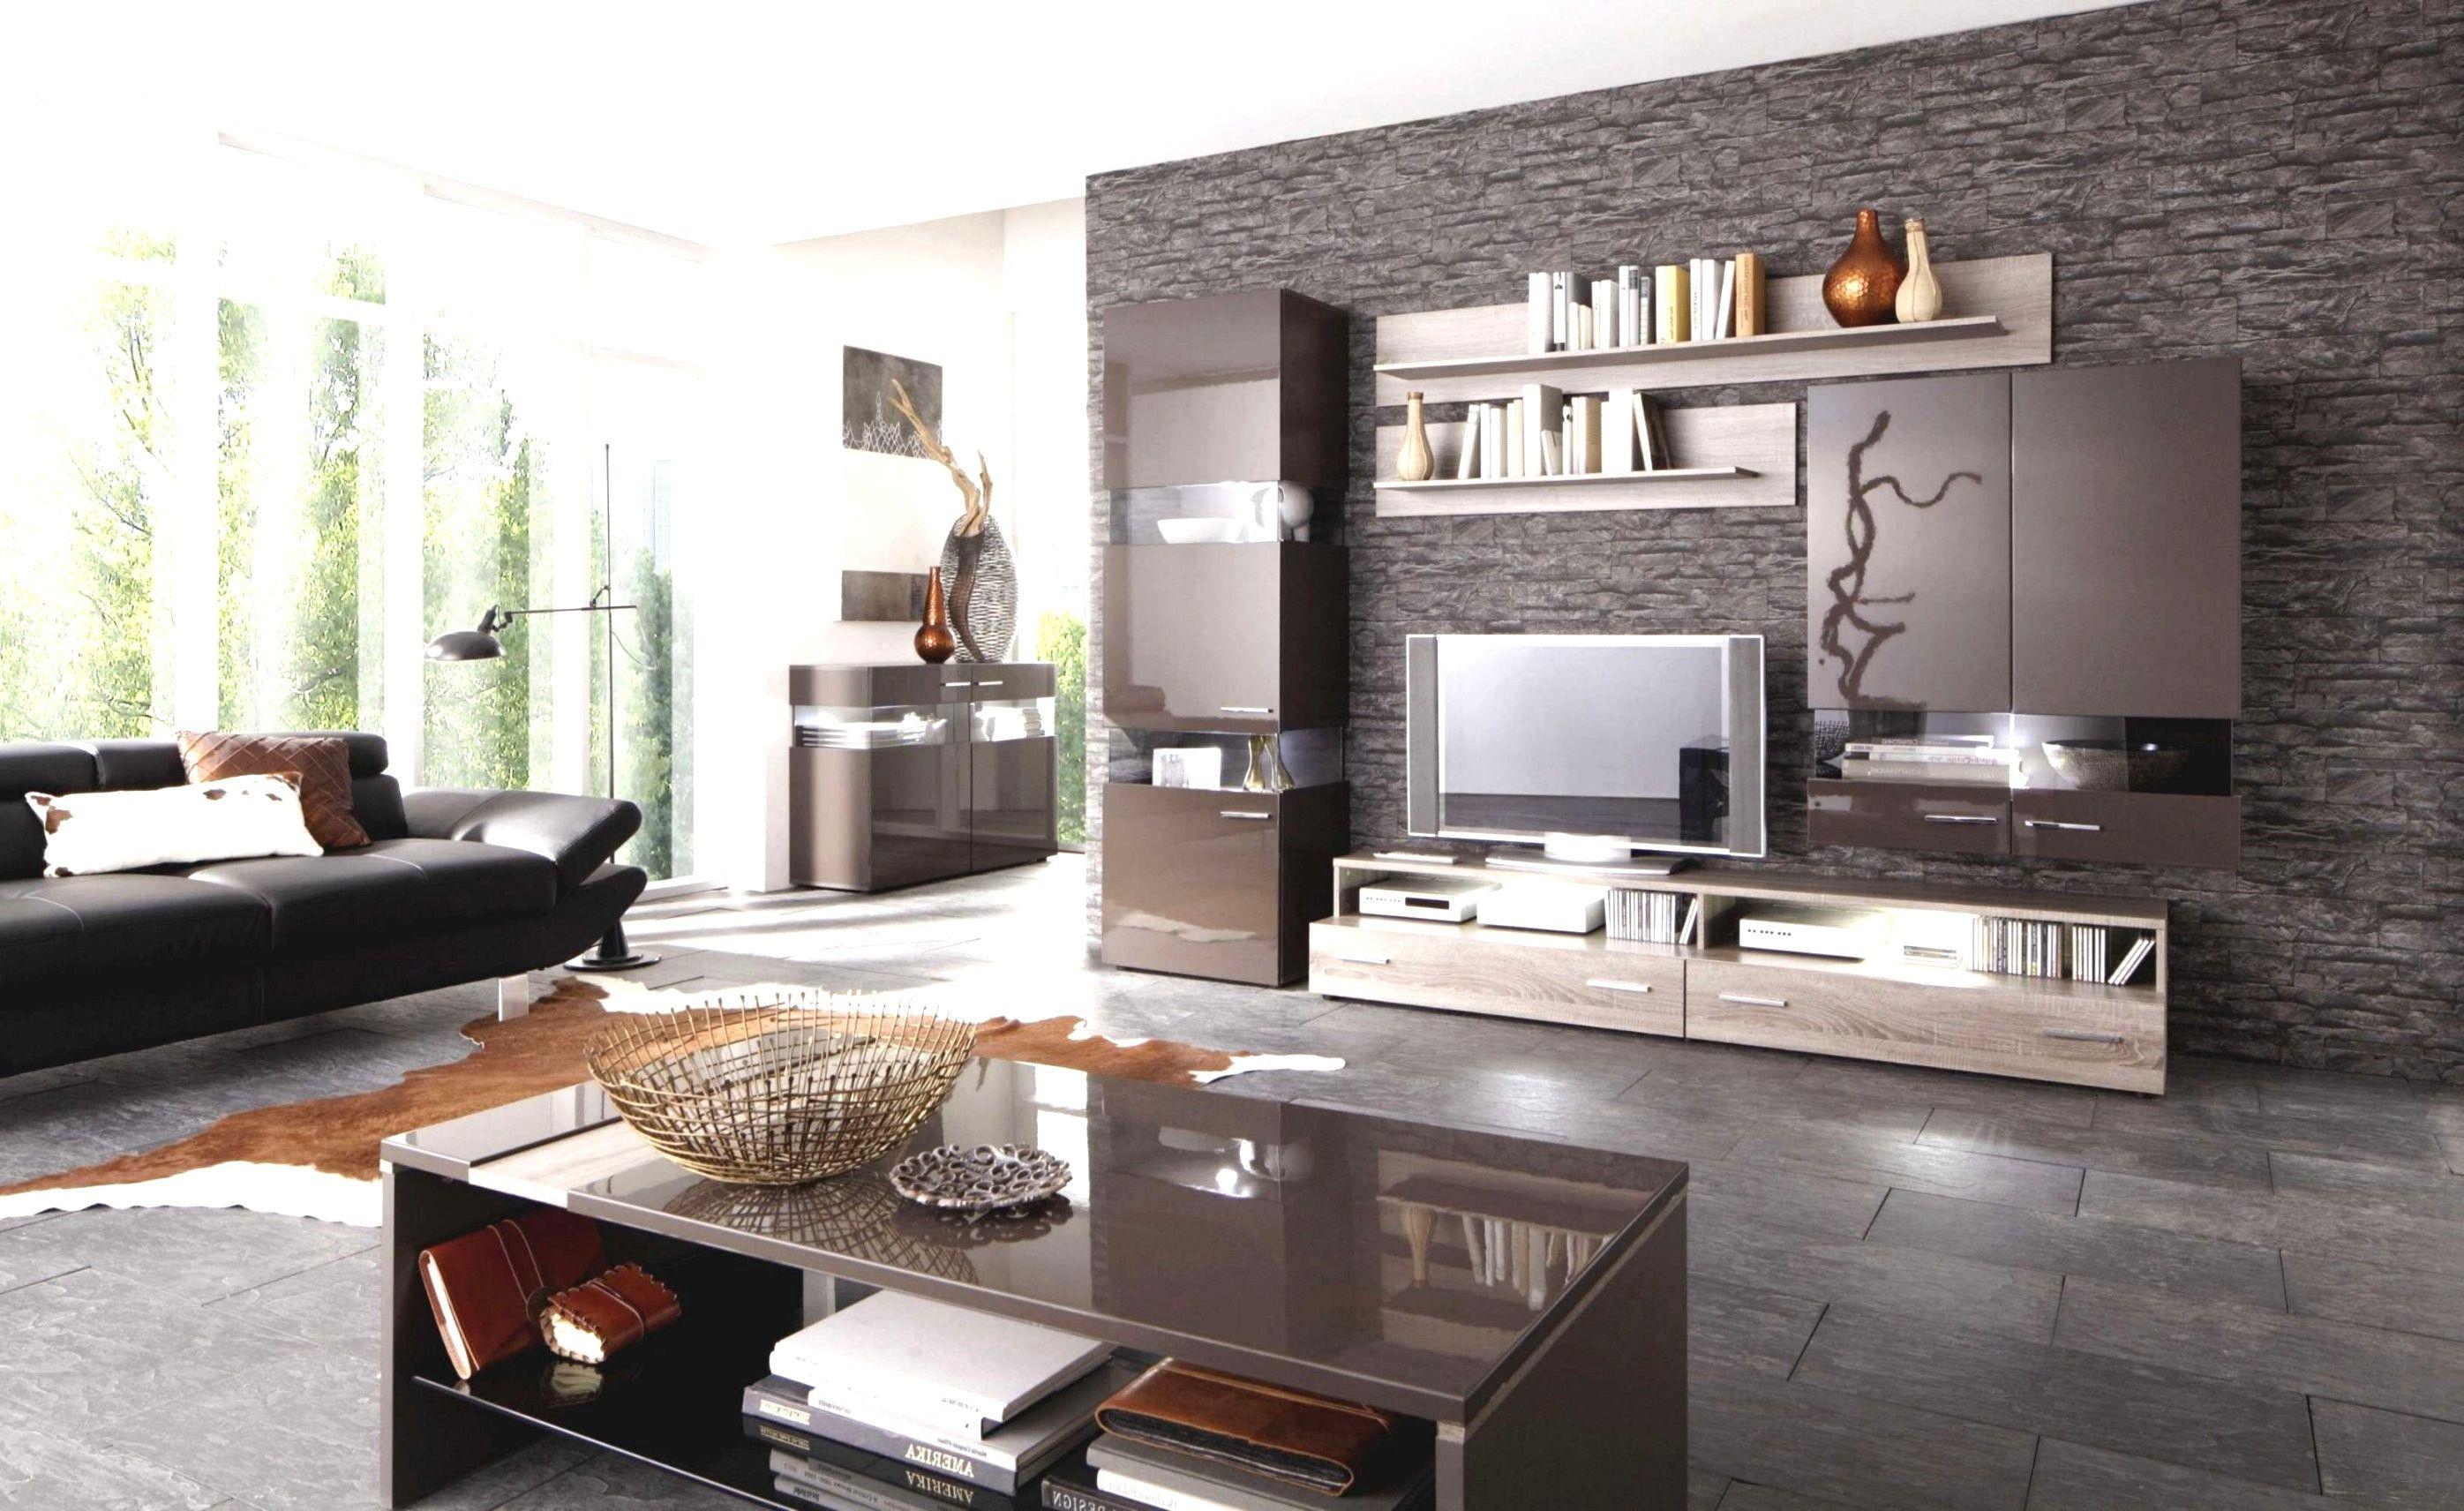 Silber Deko Wohnzimmer  Wohnzimmer modern, Wohn design